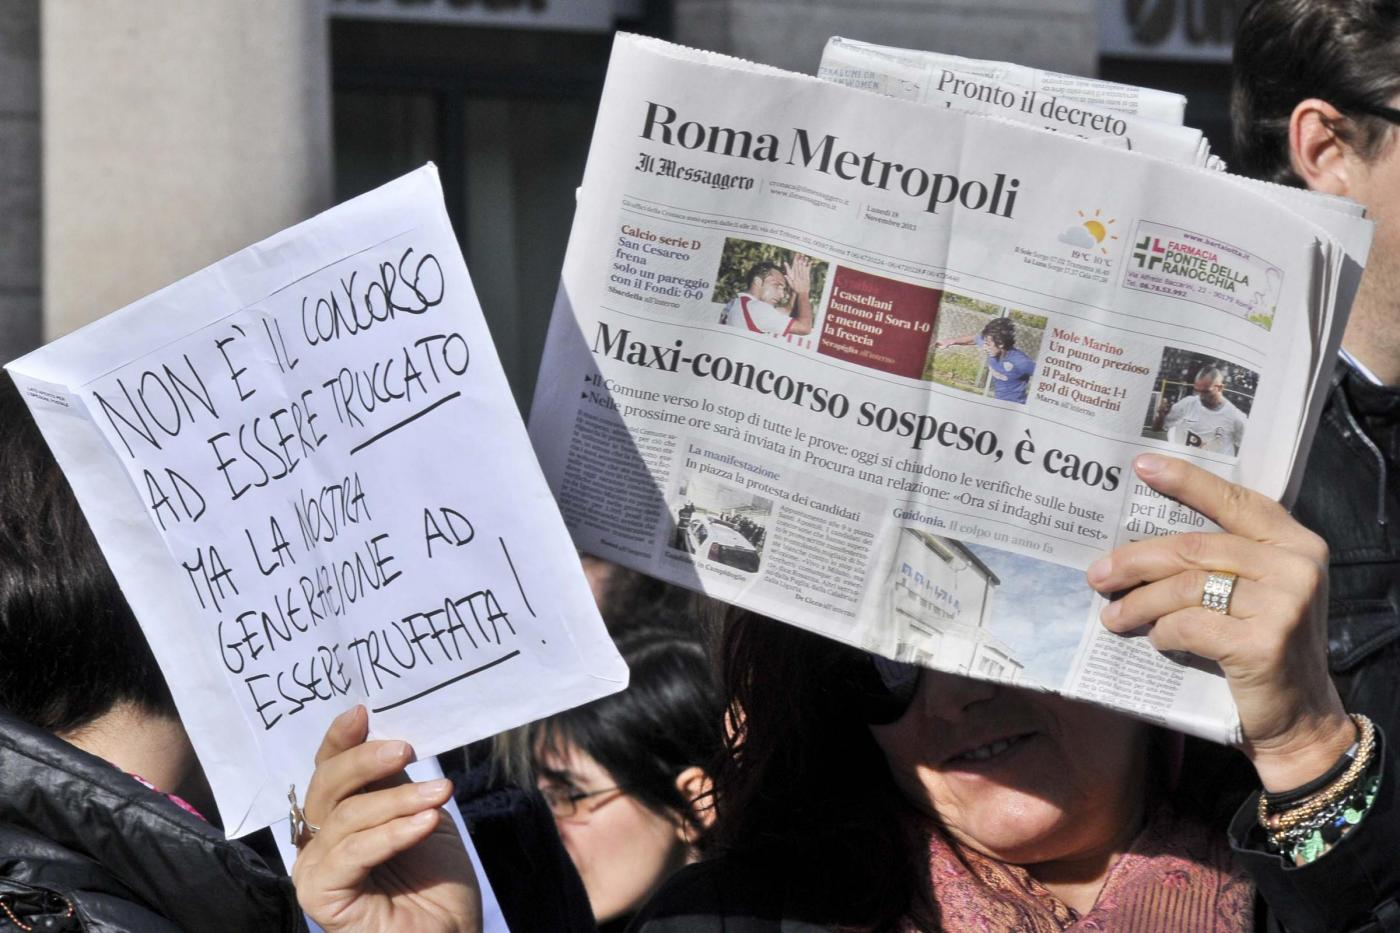 Protesta delle buste, per presunte irregolarità al maxi concorso indetto nel 2010